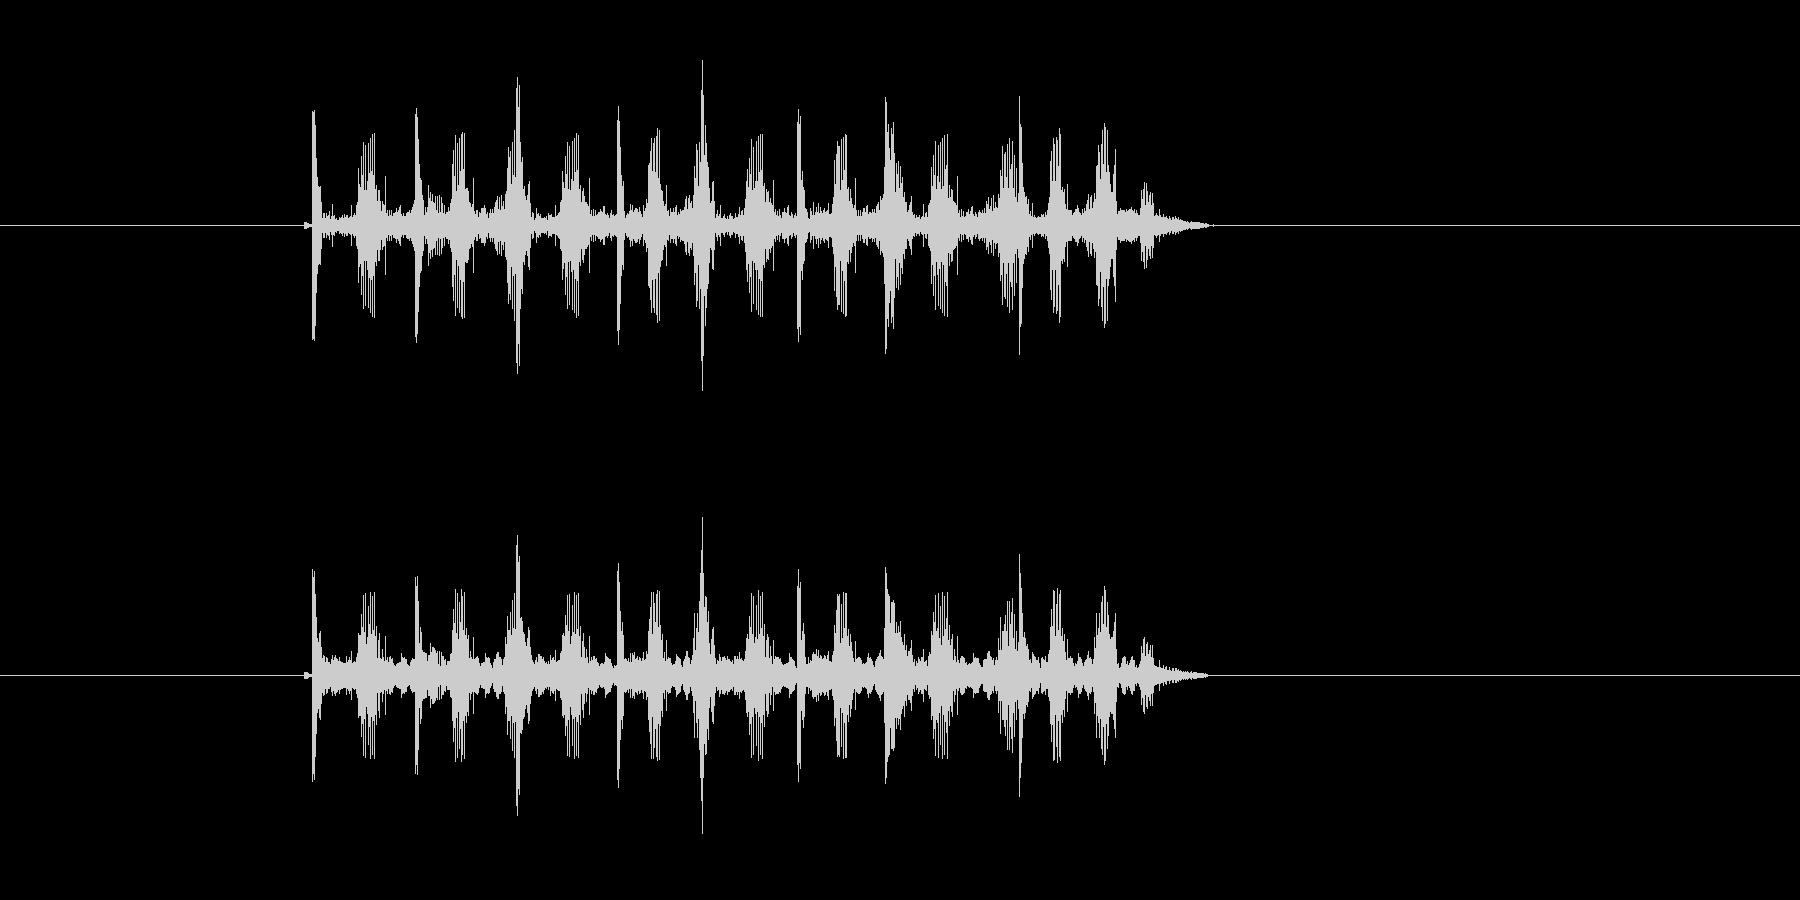 ロボットの歩行音のような効果音の未再生の波形